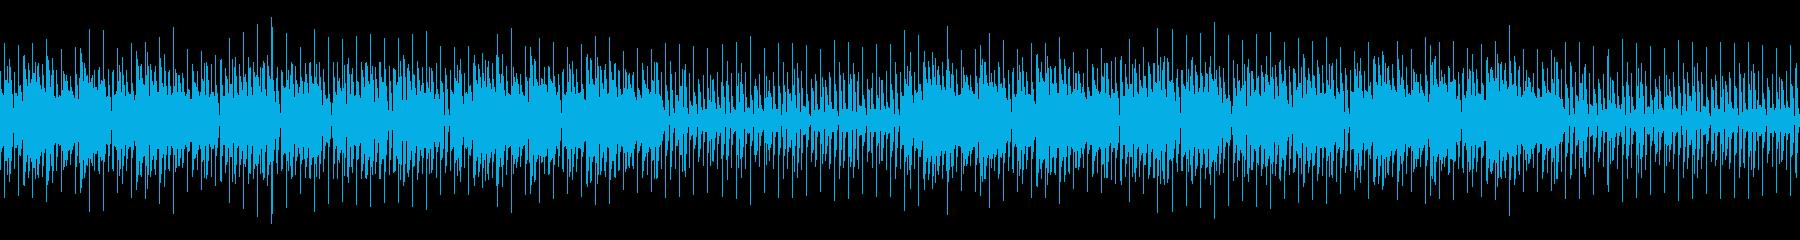 アイリッシュ・ケルト・ほのぼの・日常の再生済みの波形